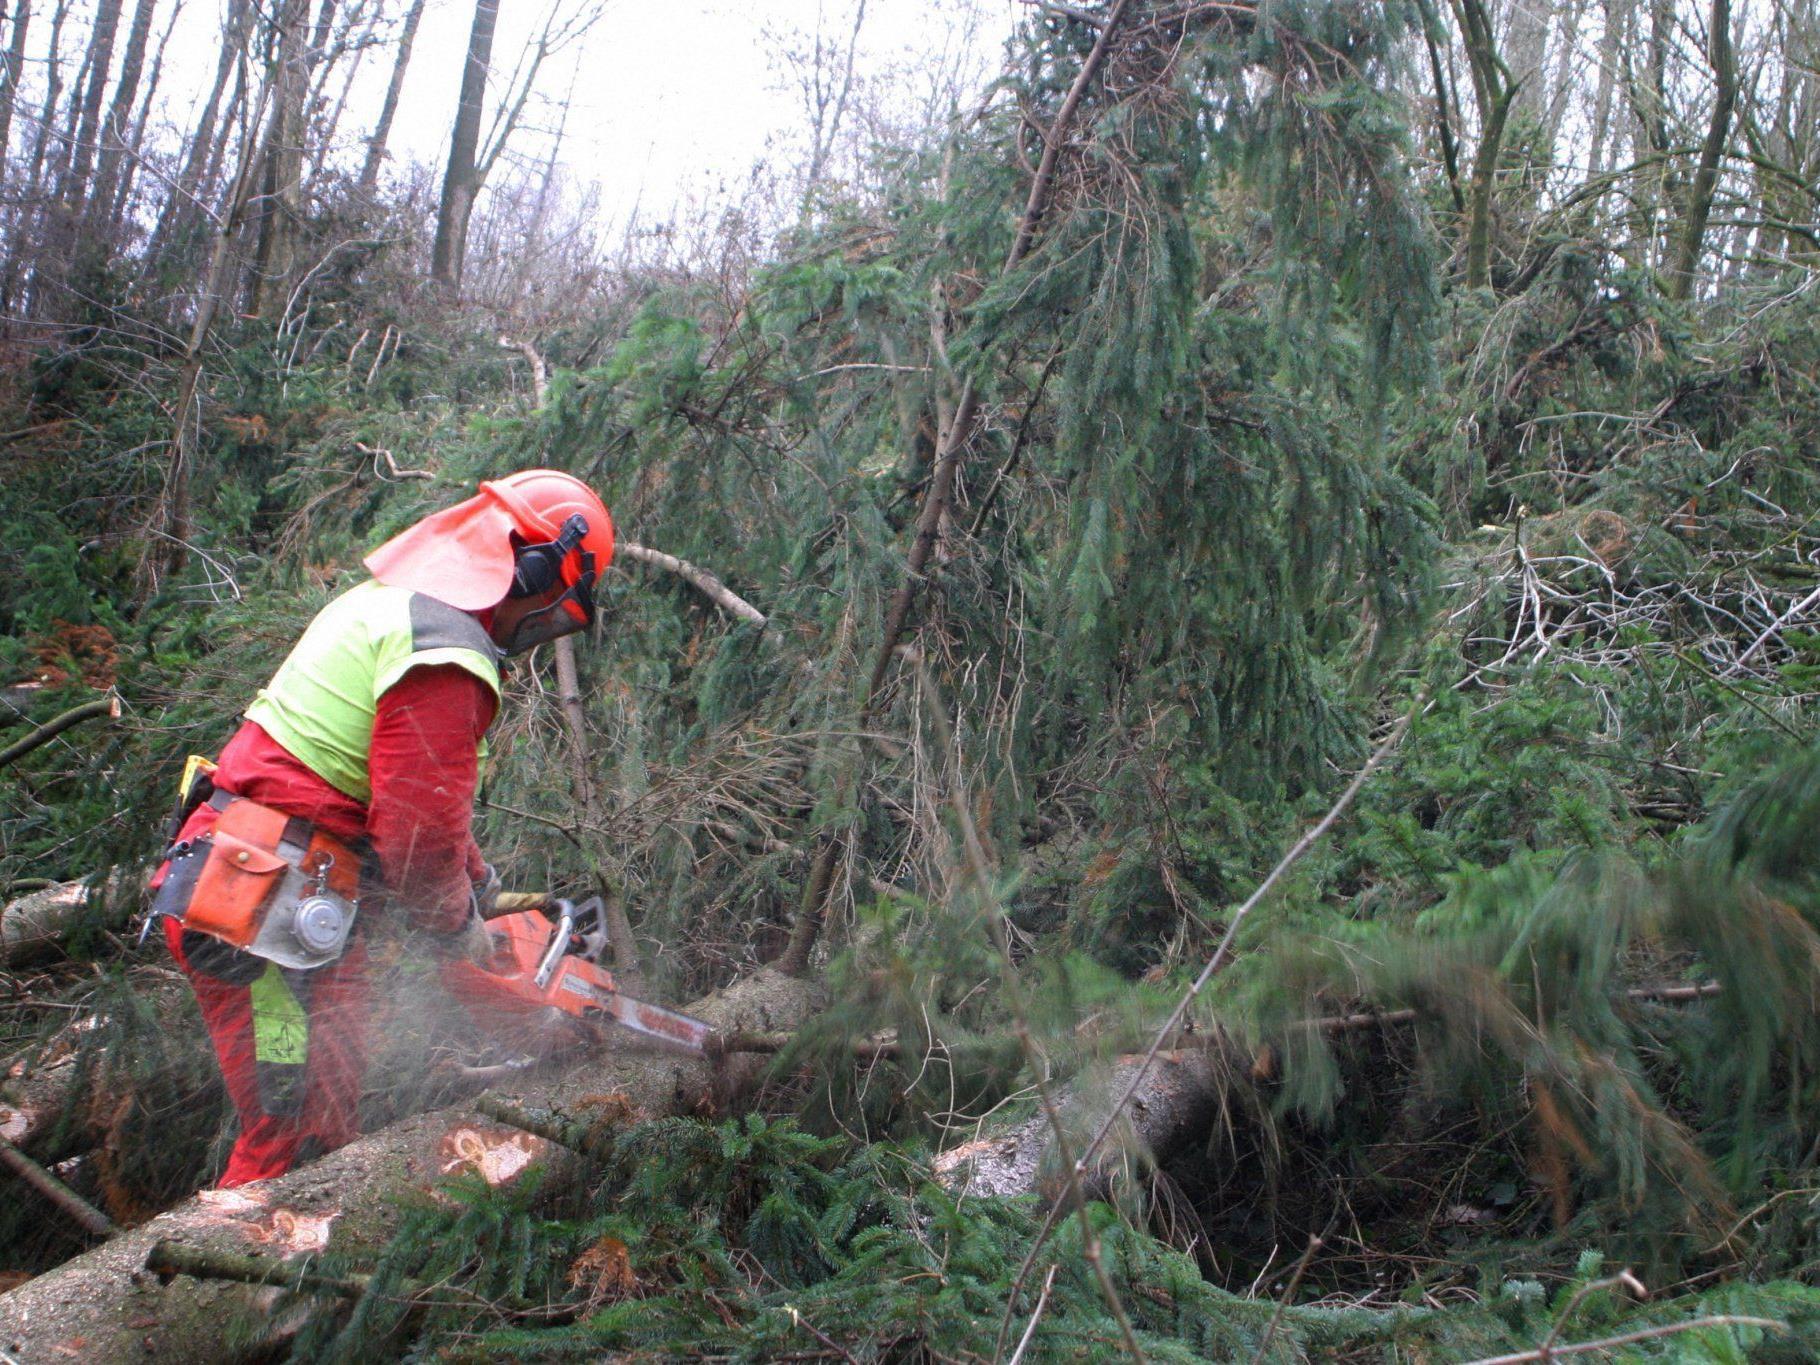 Der Forstarbeiter wurde von dem Ast jedoch am Kopf getroffen und sofort getötet.